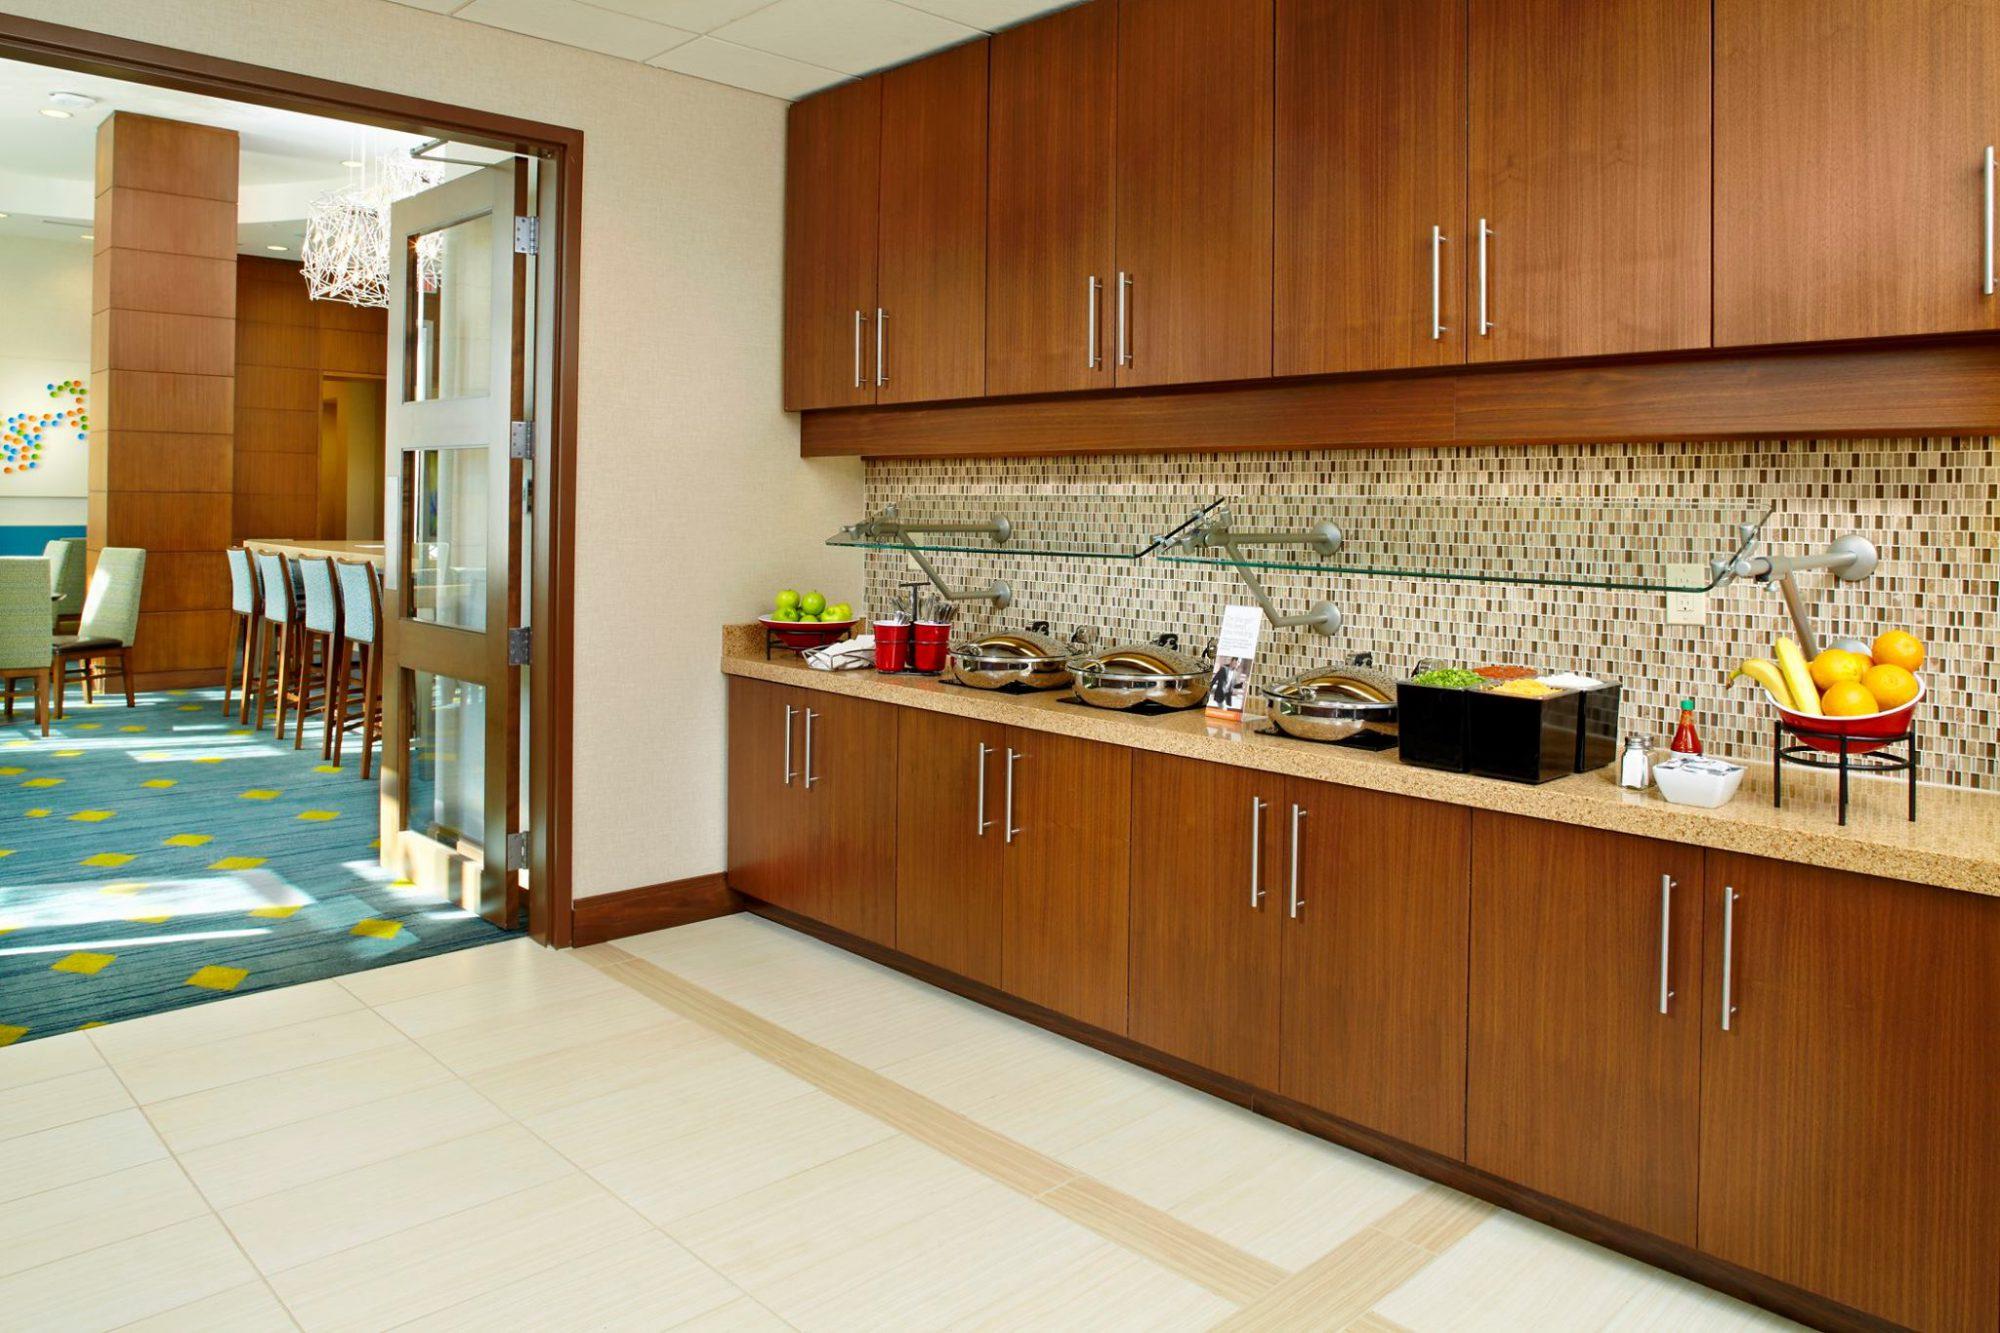 Residence Inn by Marriott 3